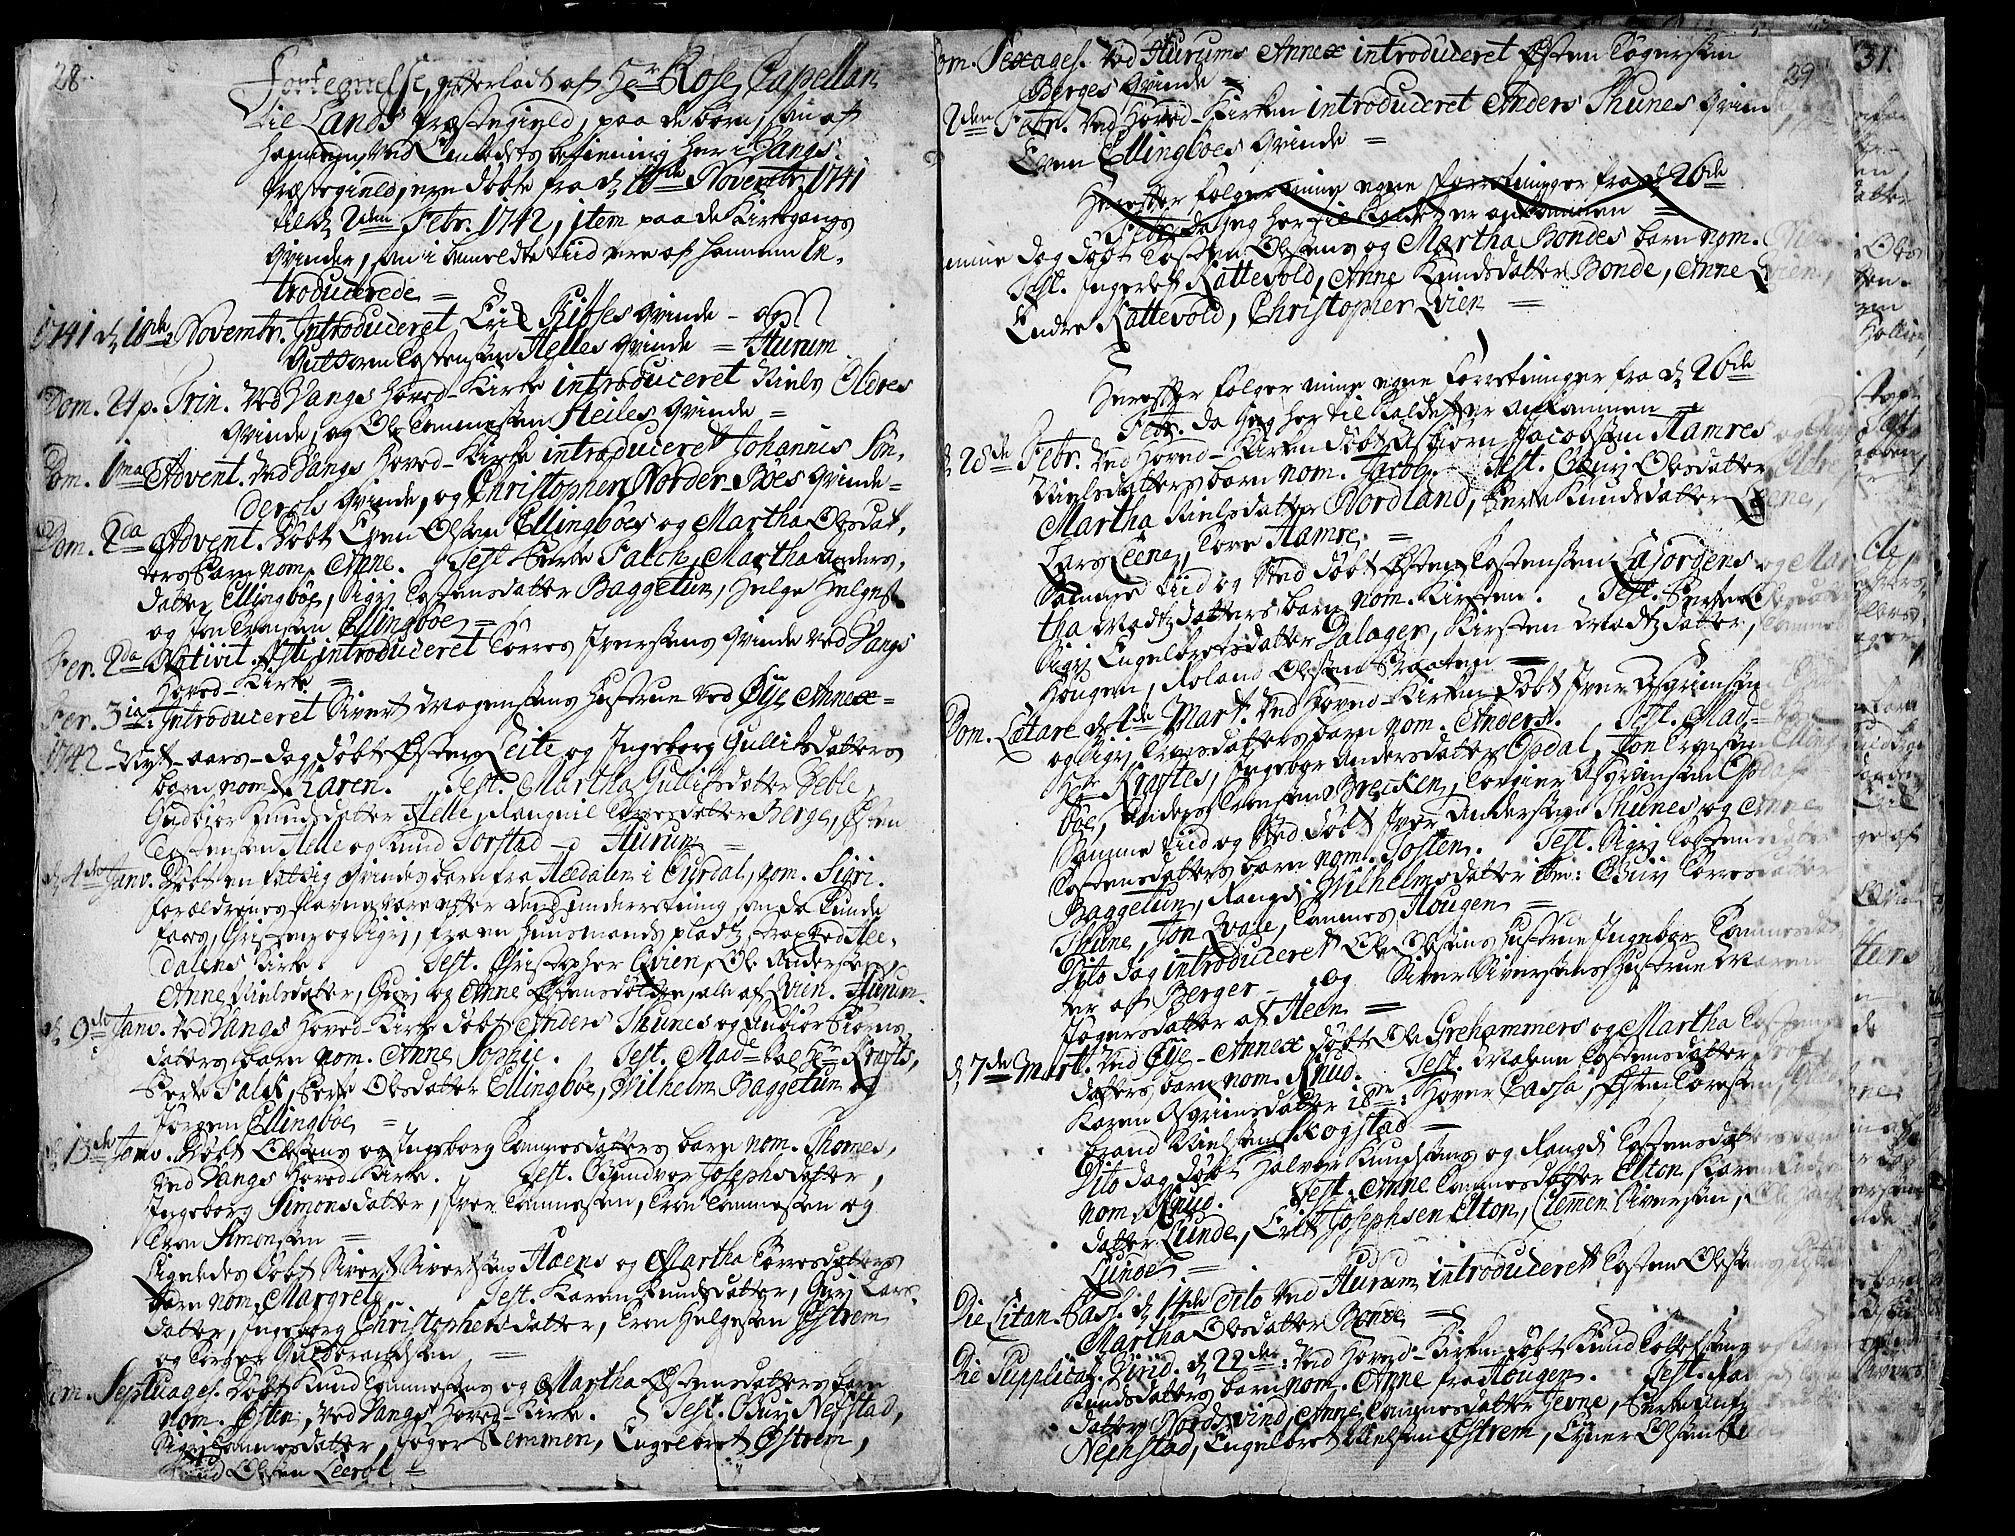 SAH, Vang prestekontor, Valdres, Ministerialbok nr. 1, 1730-1796, s. 28-29